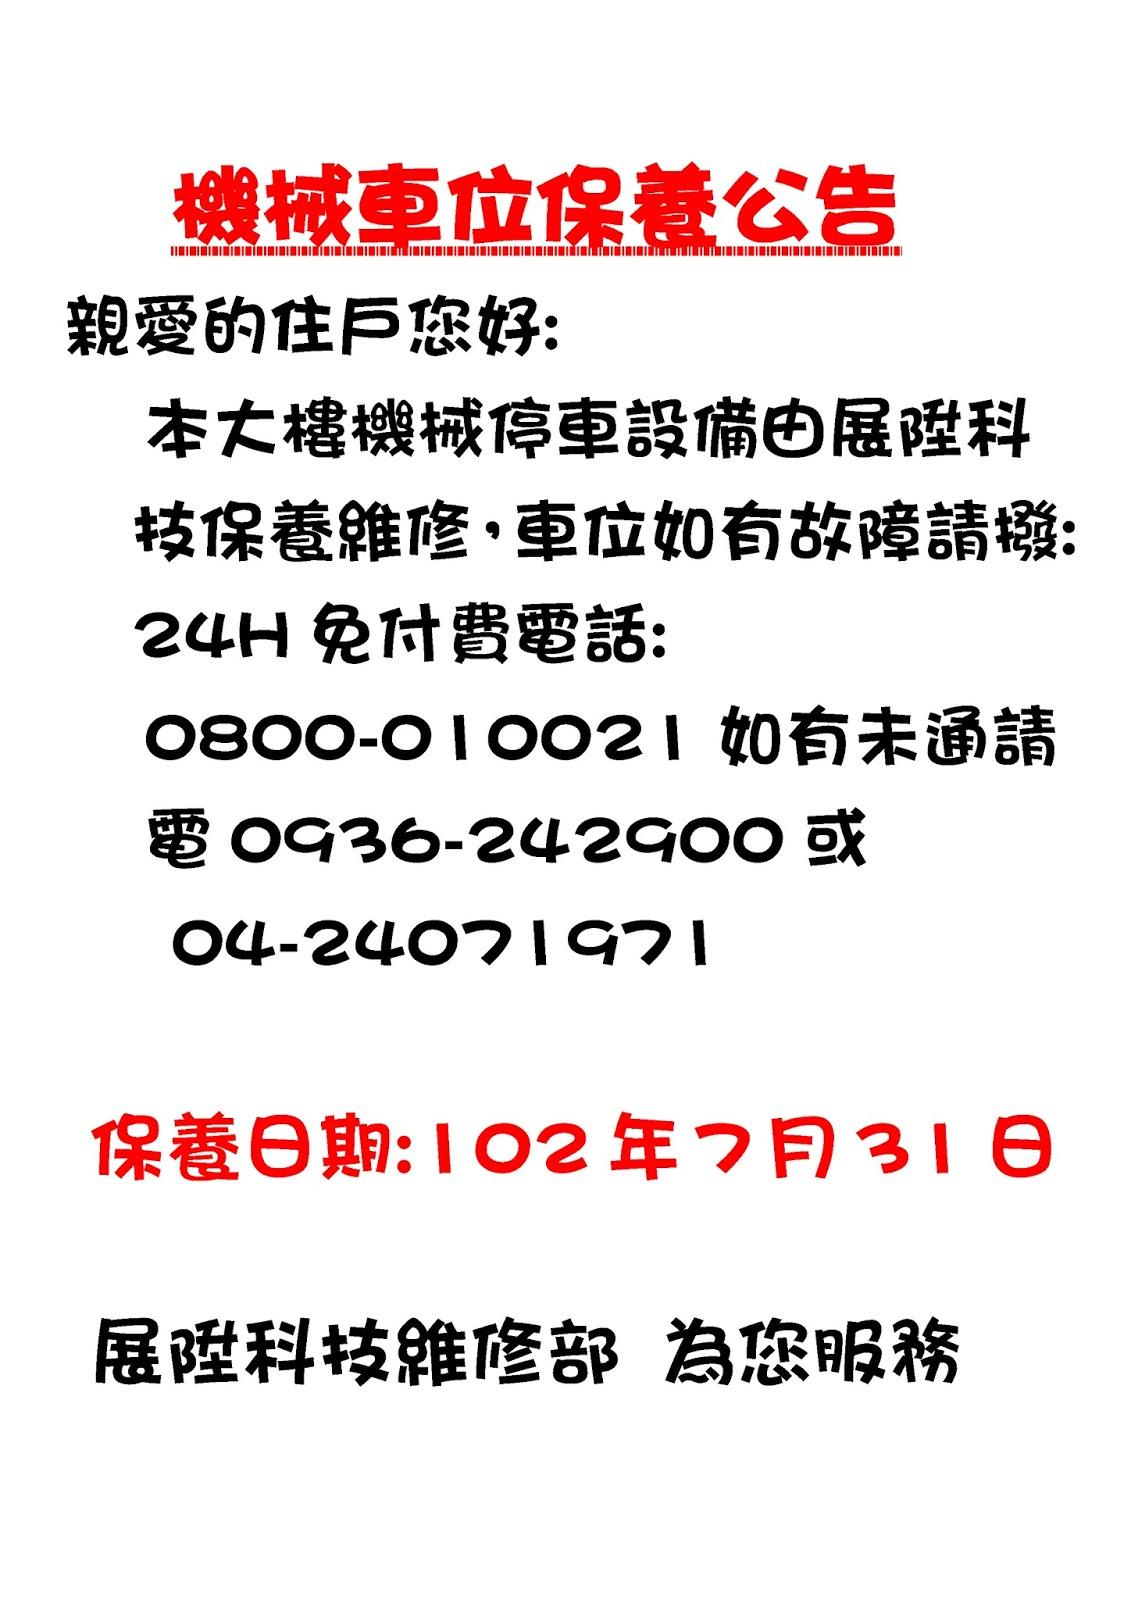 文心加賀青田區 管理委員會/ Community Comittee: 機械車位保養